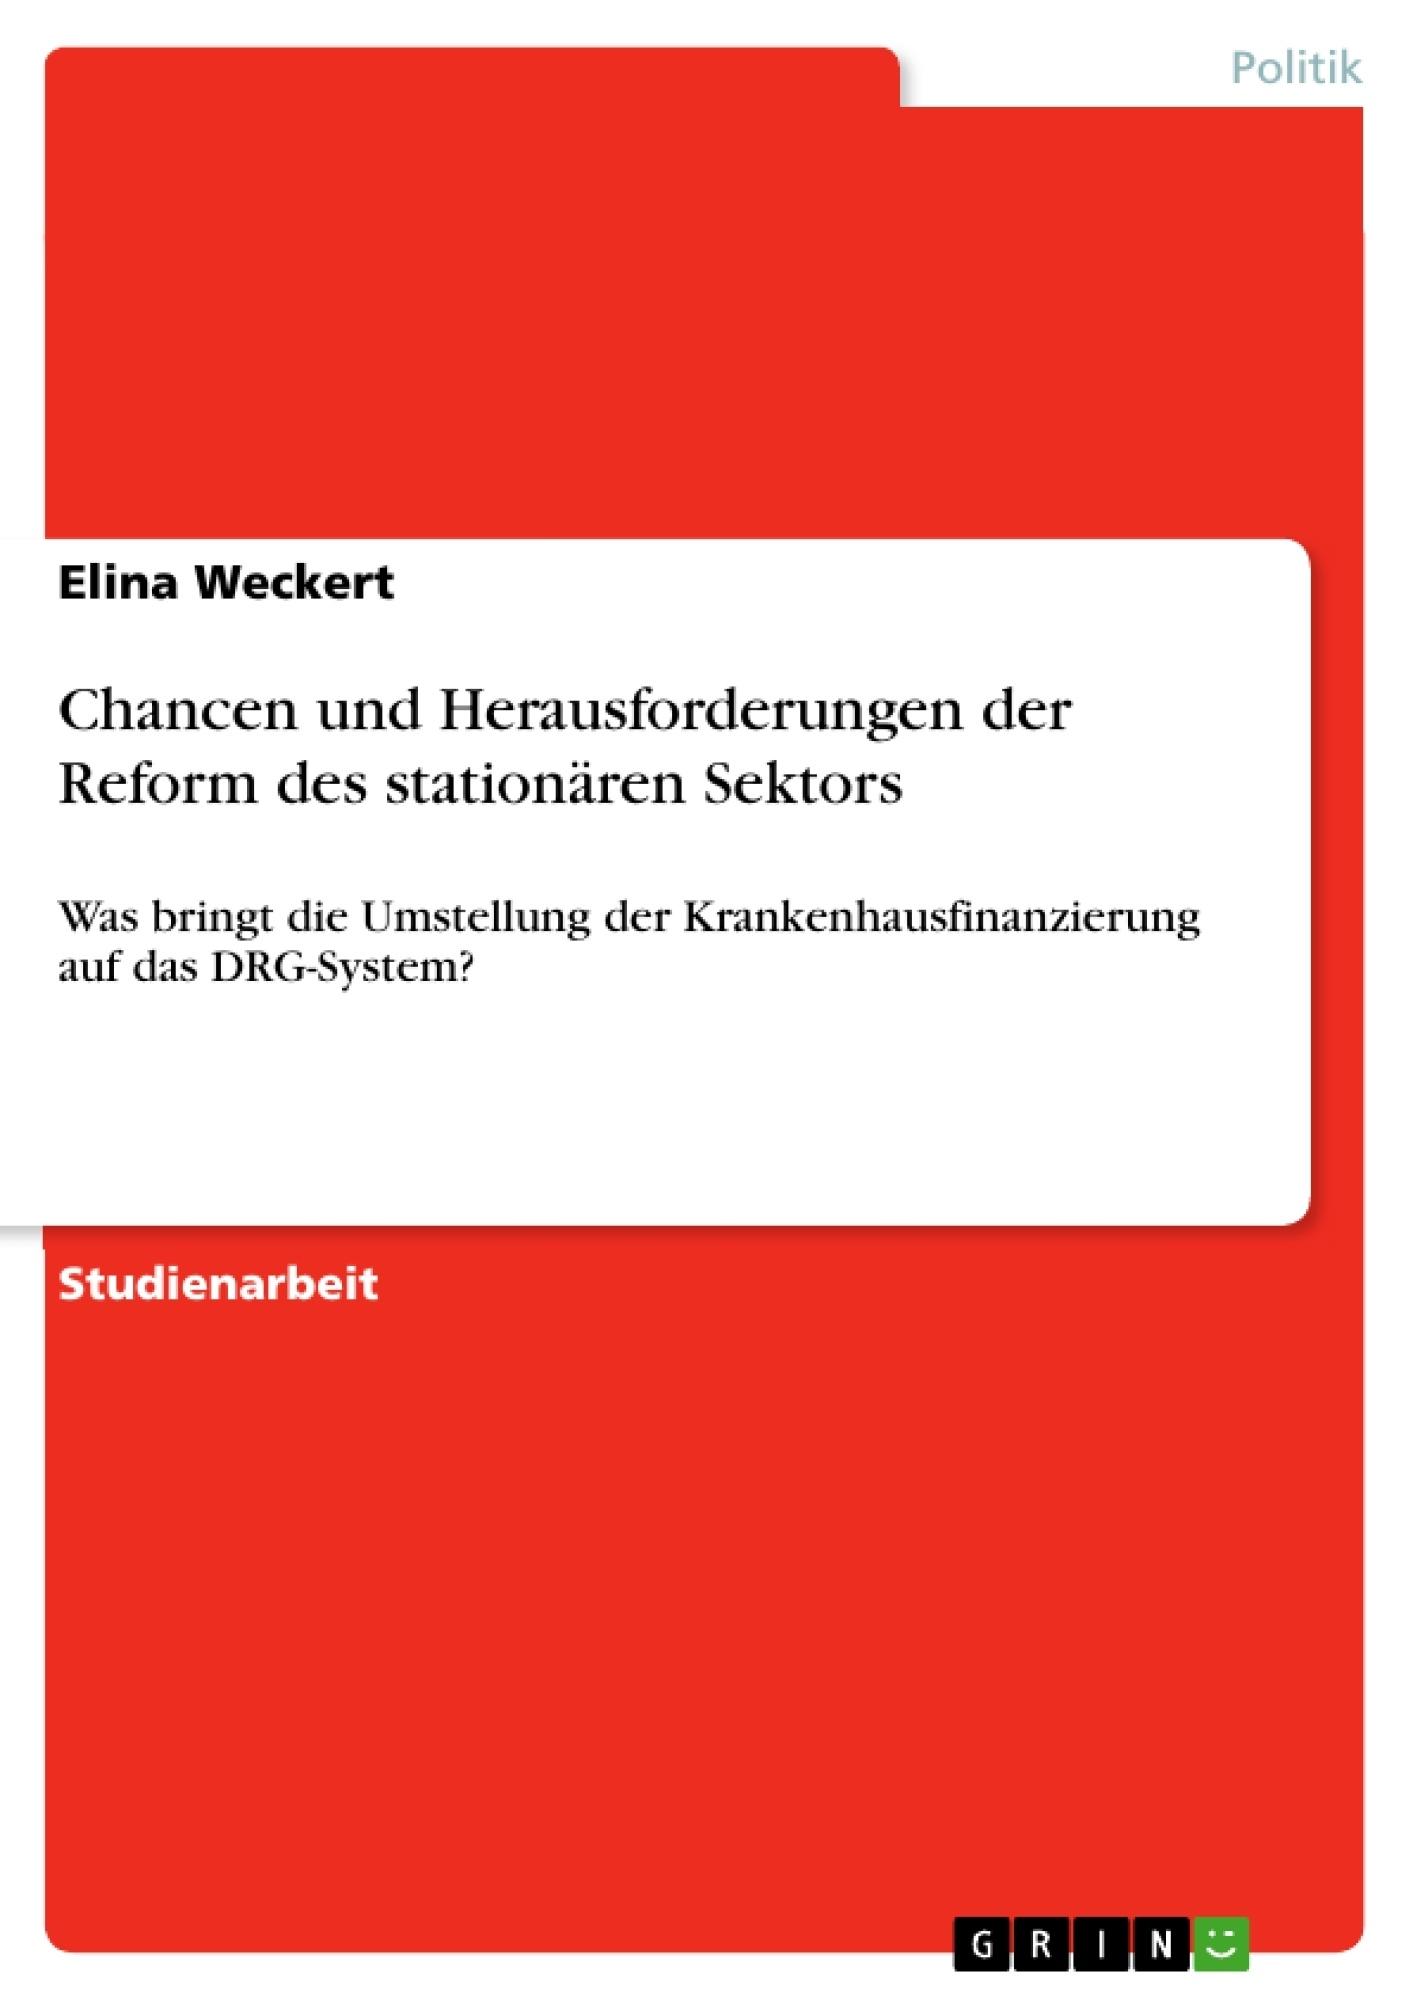 Titel: Chancen und Herausforderungen der Reform des stationären Sektors